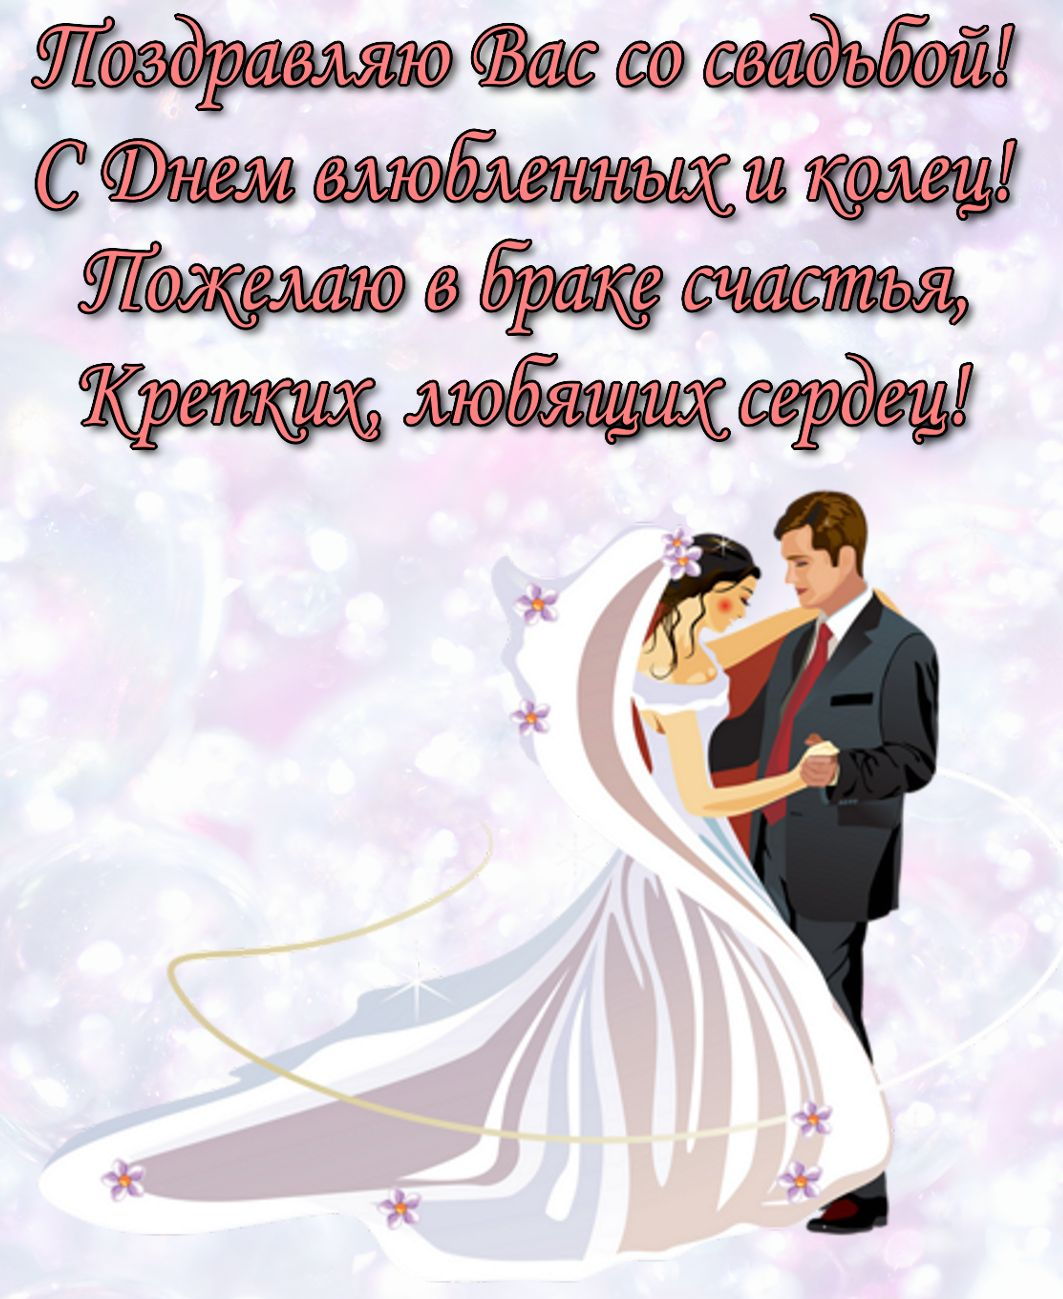 Поздравления на свадьбу уже не молодой паре